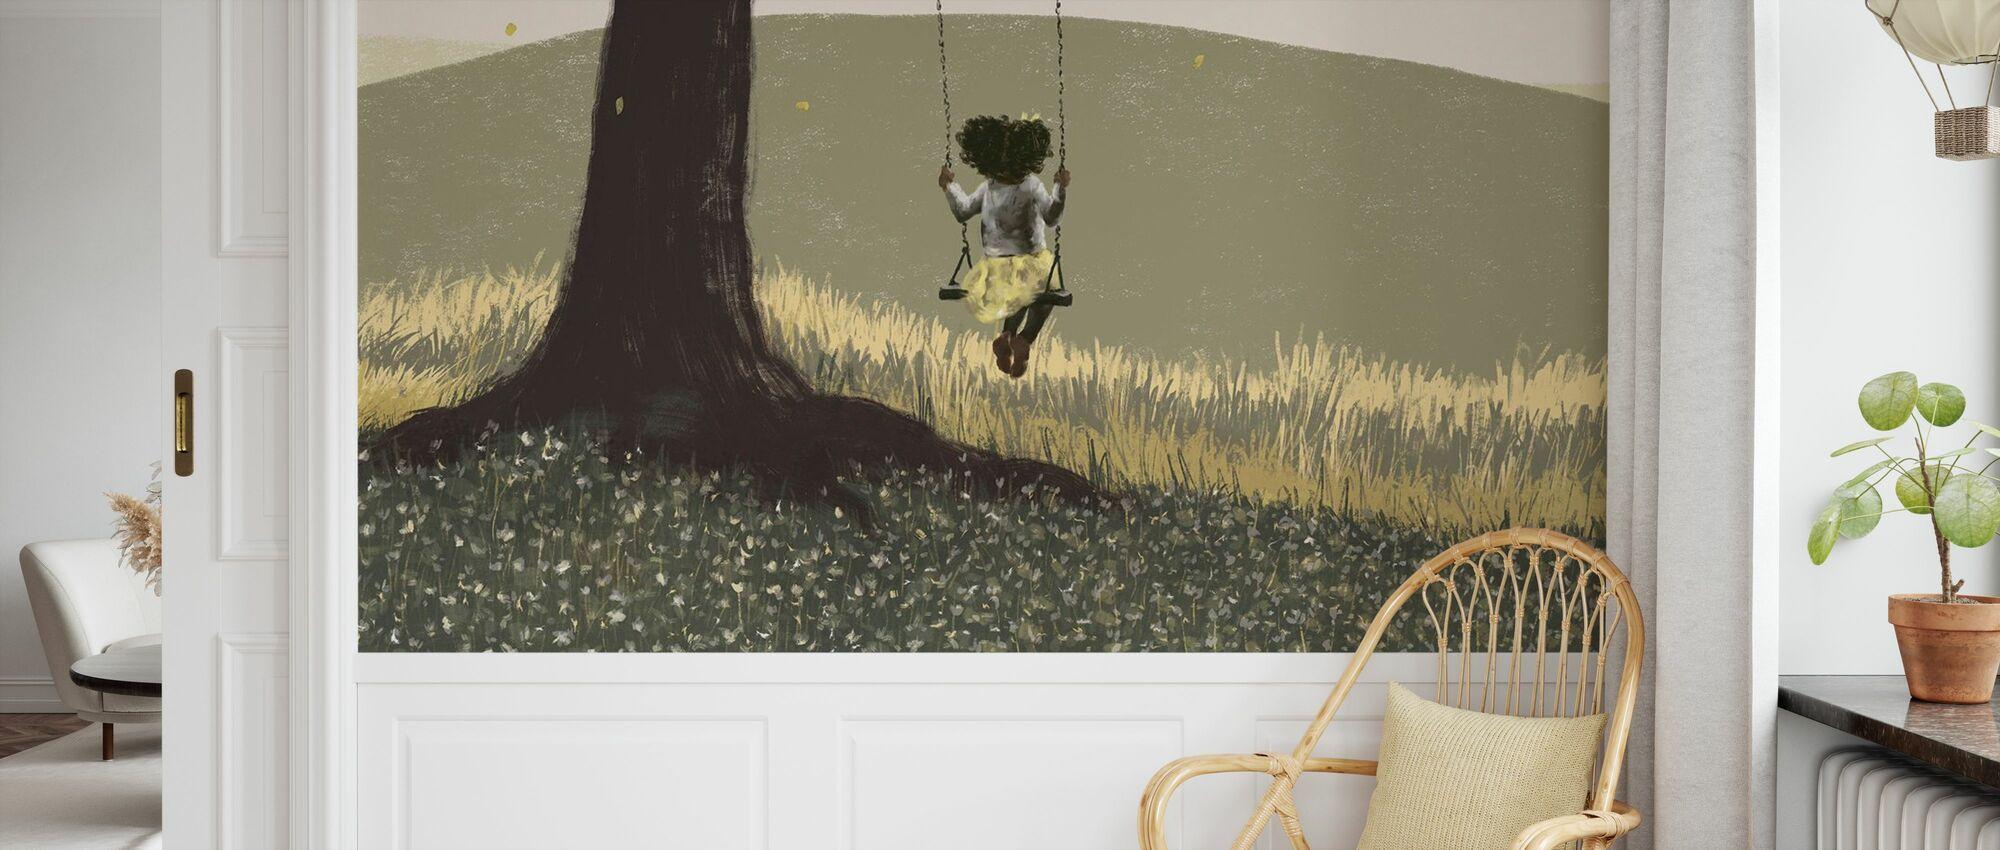 Fall Field Green - Mädchen auf einer Schaukel - Tapete - Kinderzimmer